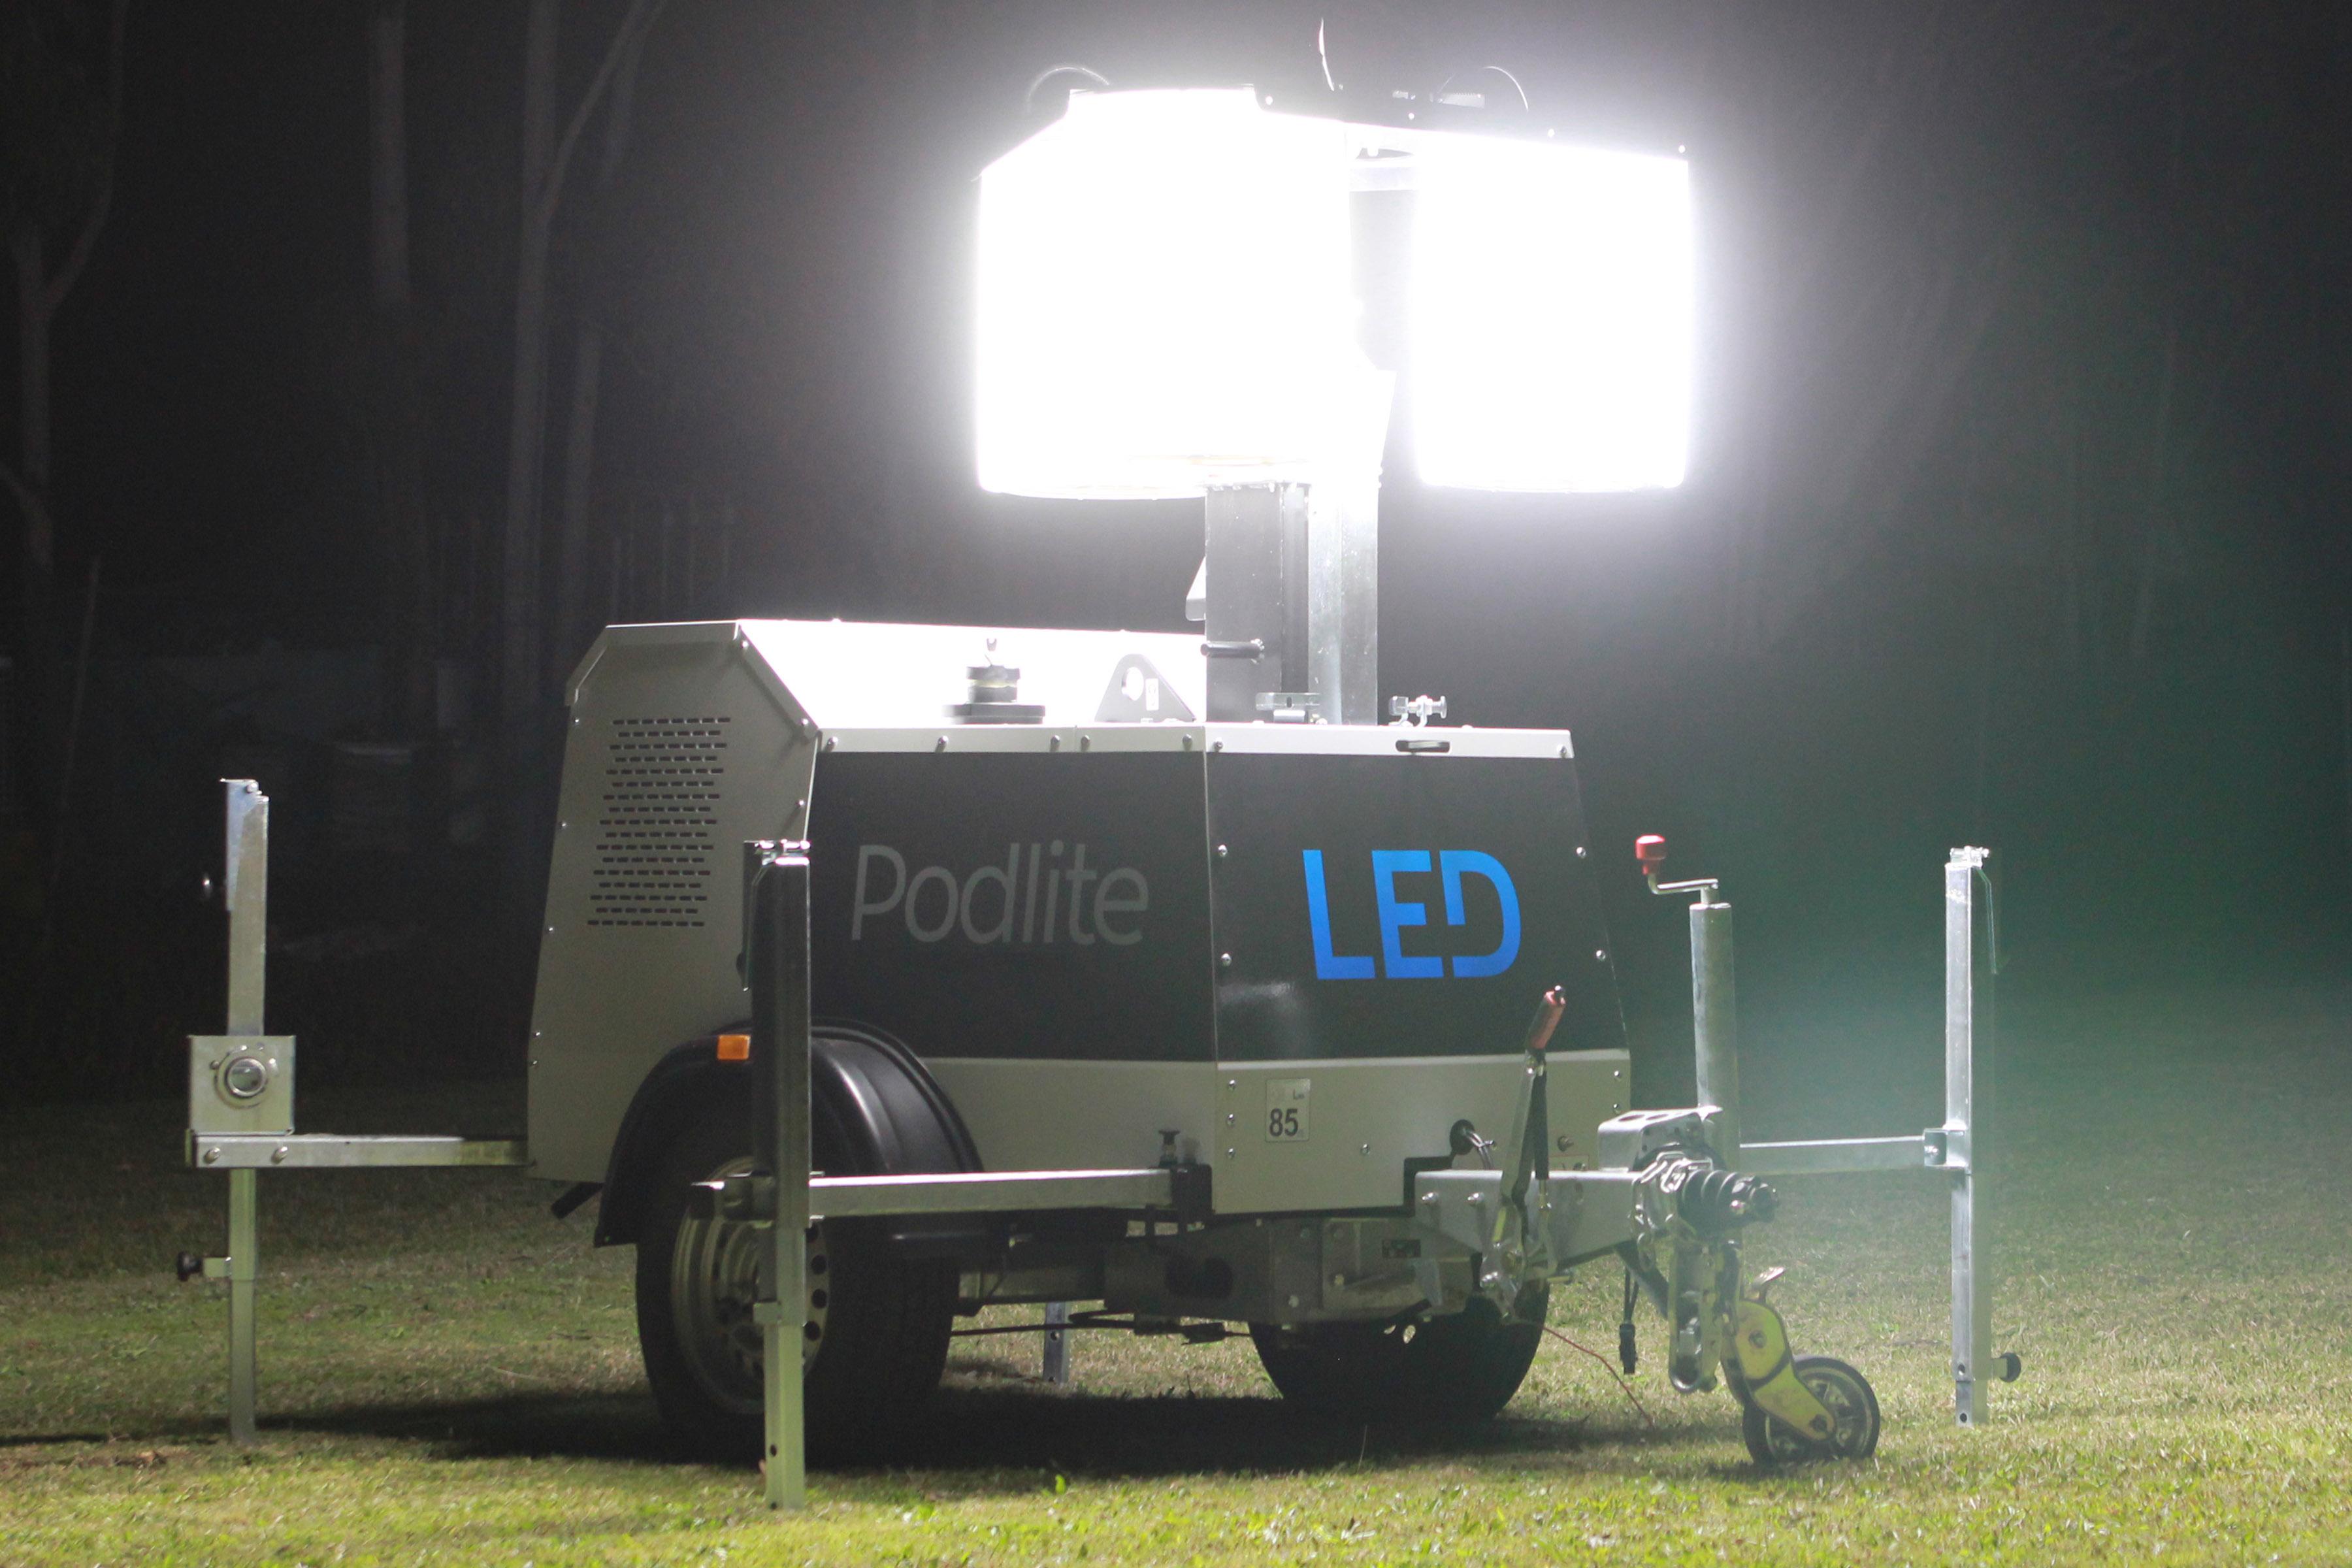 Traffic Light For Sale >> Podlite – 360 LED Lighting Tower | Powerlite Power Generators